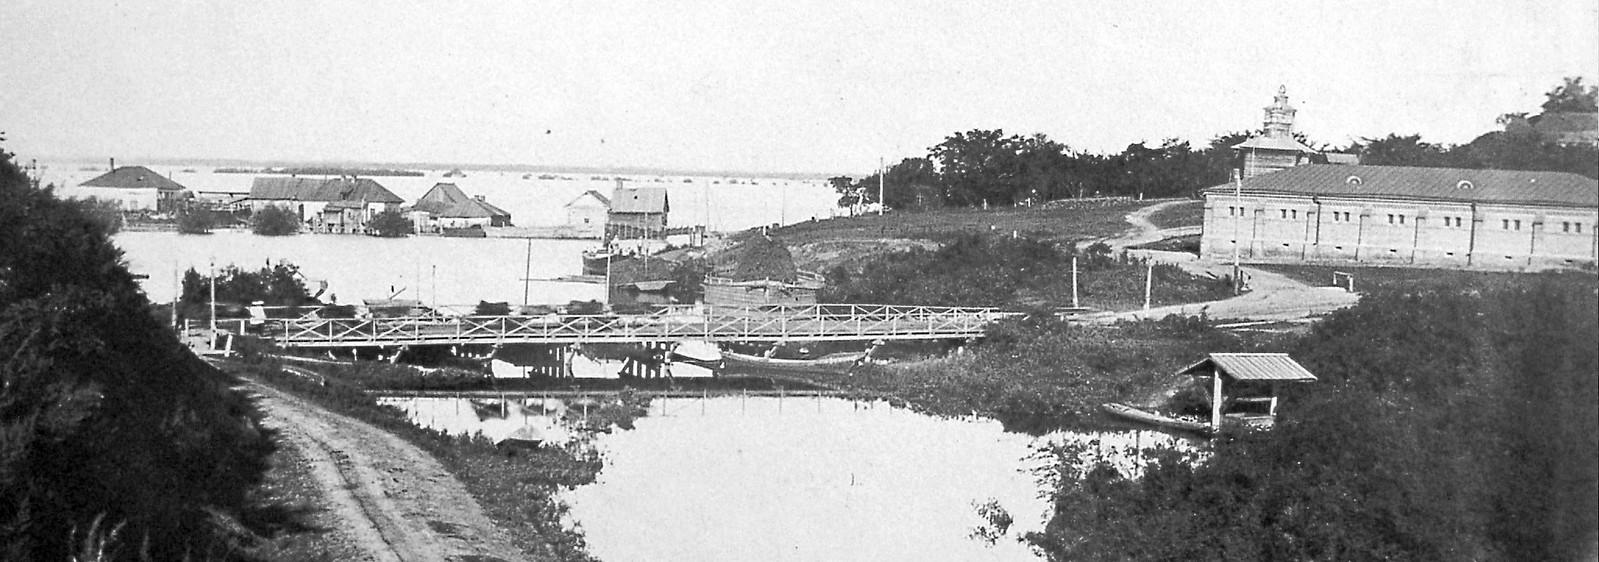 21. Устье р. Чердымовки, большая вода. 1896